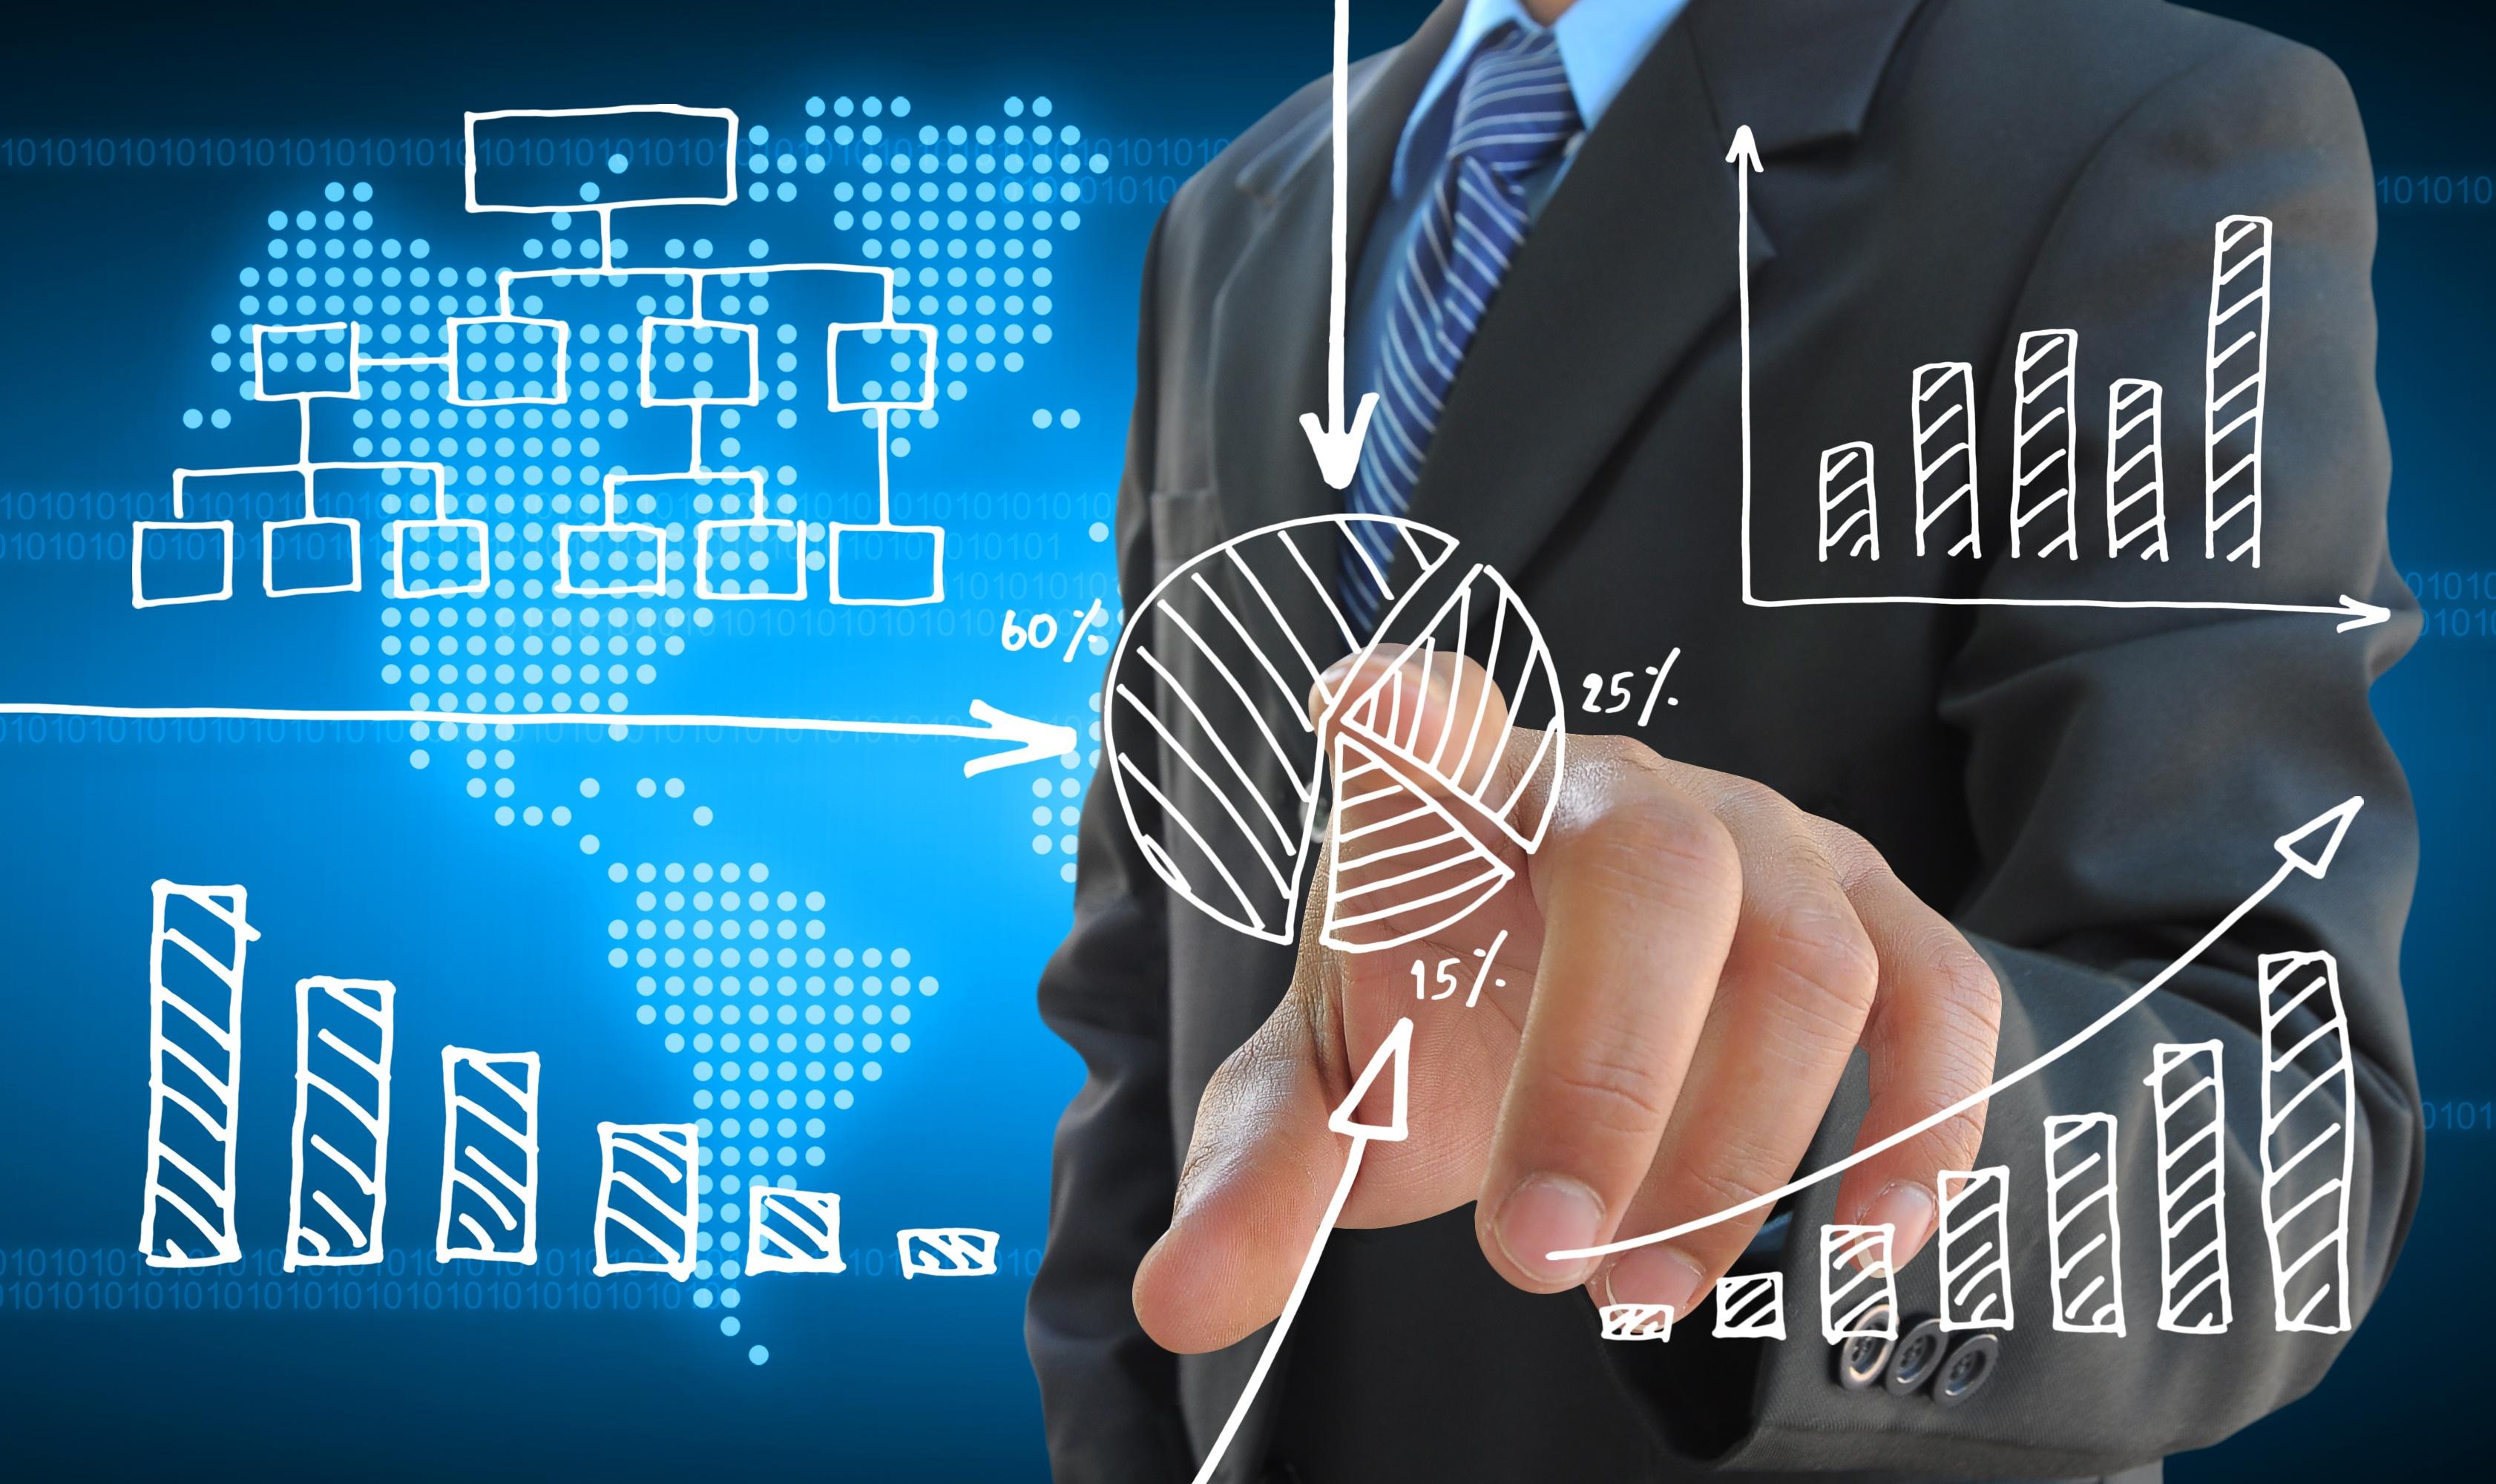 analise-dados-contribuir-negocio-1